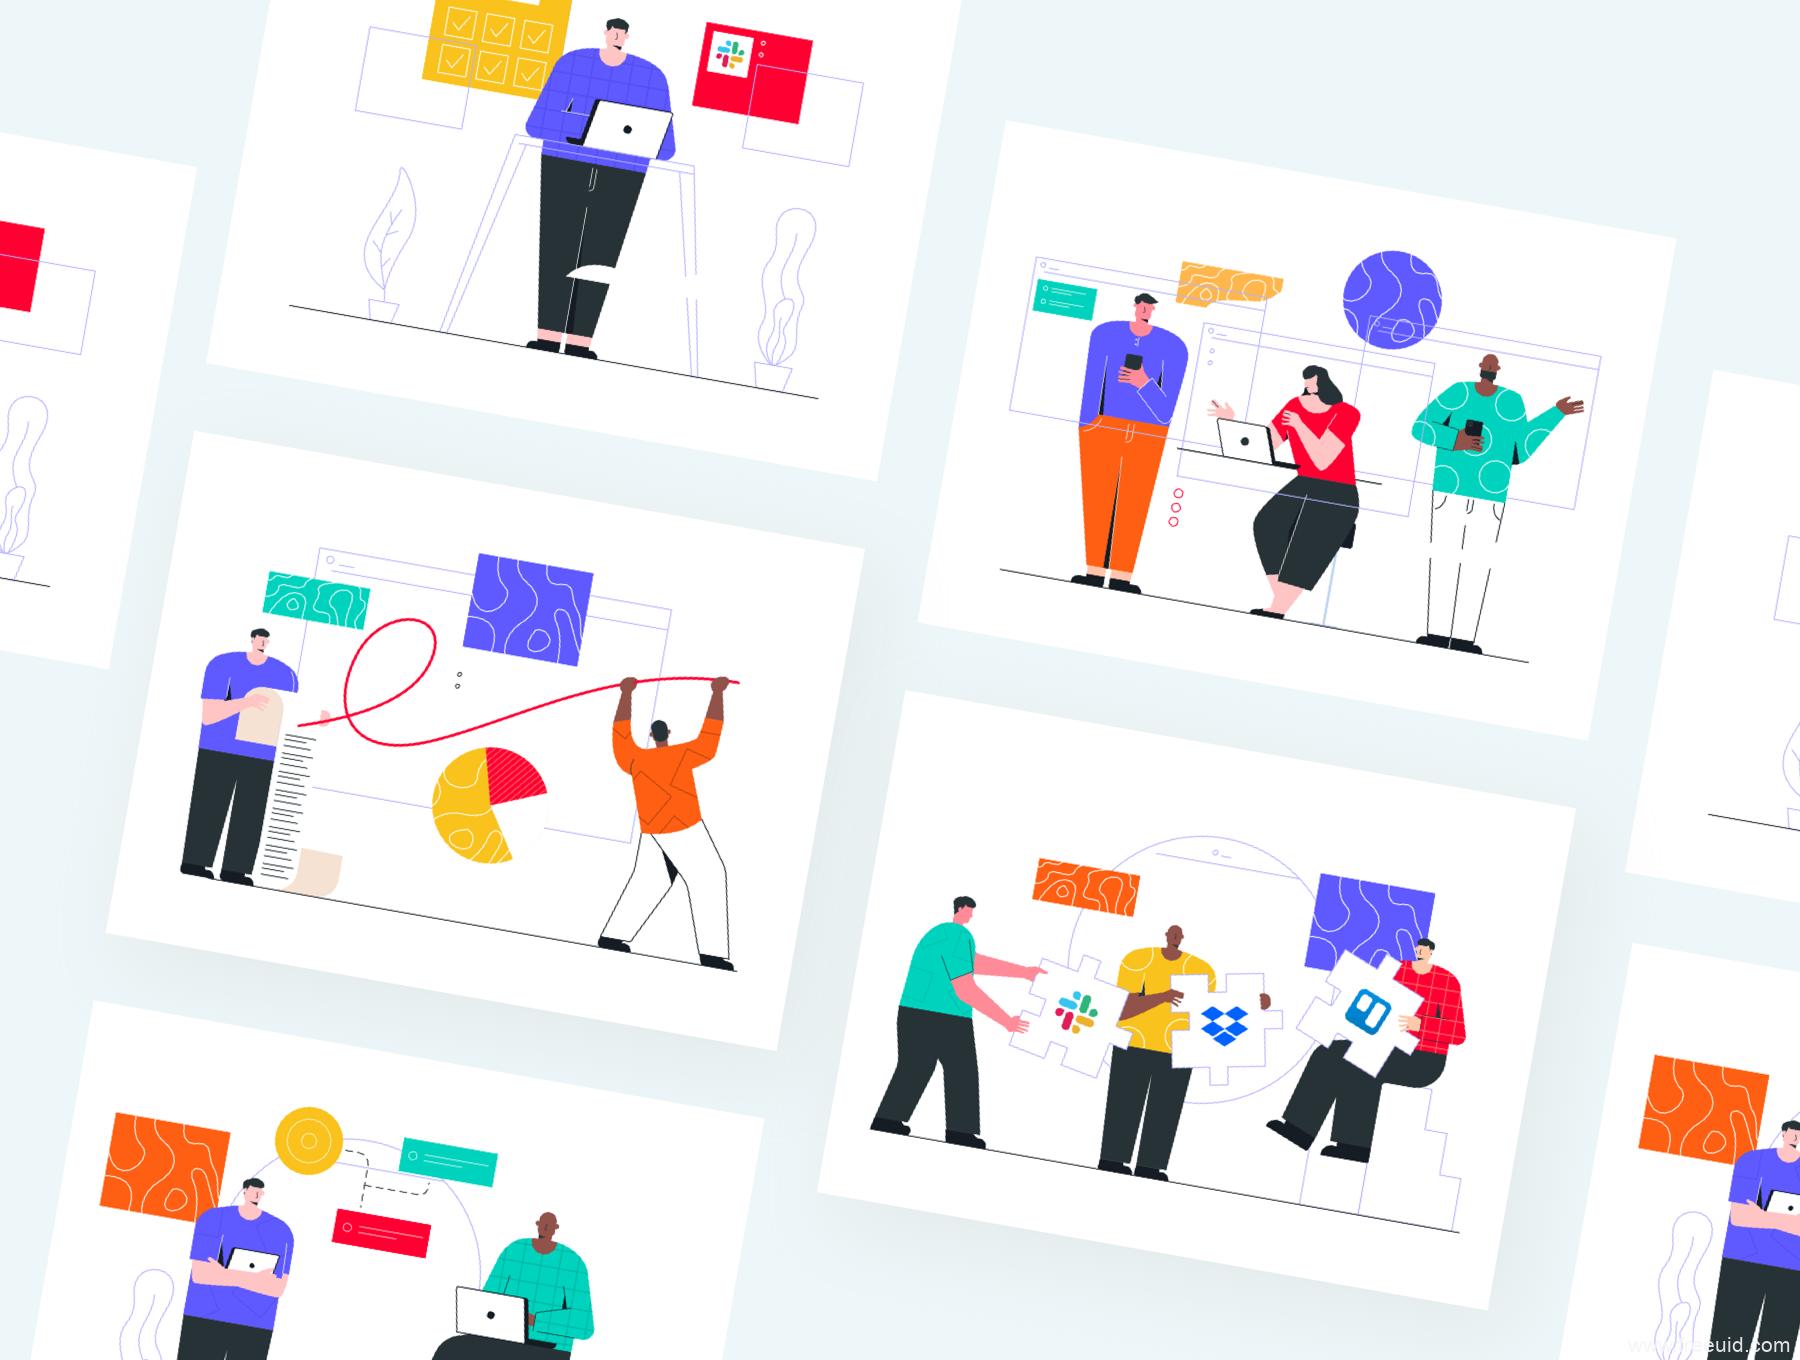 一套B端产品场景插画素材包,SaaS平台应用场景插画素材包svg,png,sketch,ai,eps,fig格式源文件